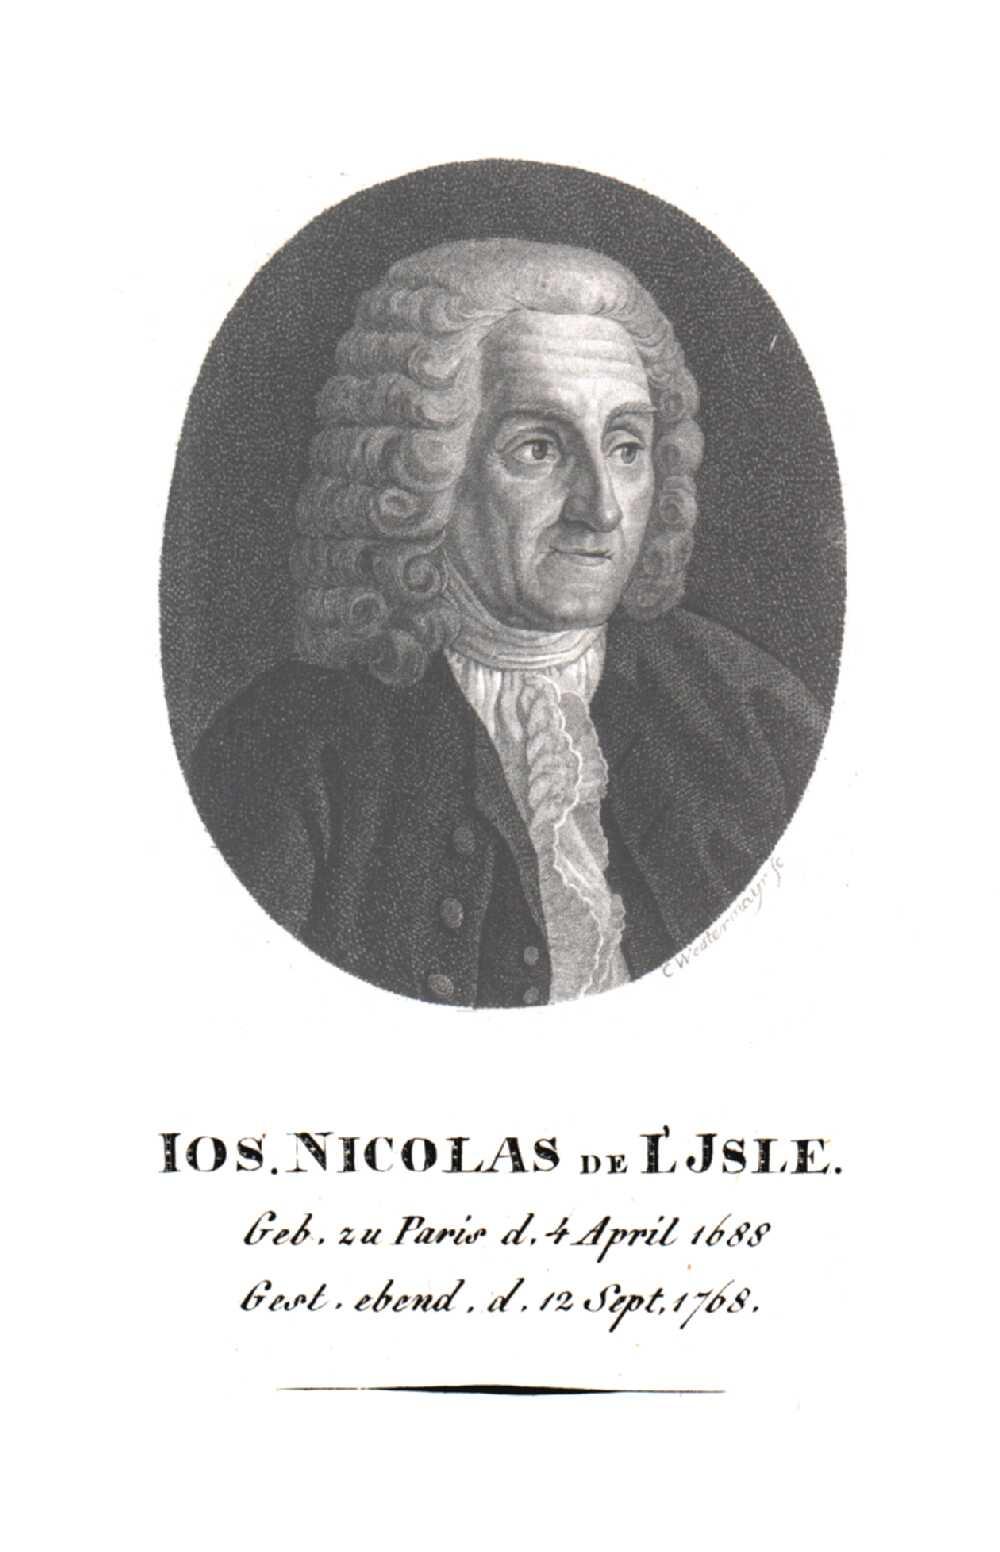 Portrait of Joseph Nicolas de L'Isle,  Image number:SIL14-L005-01a